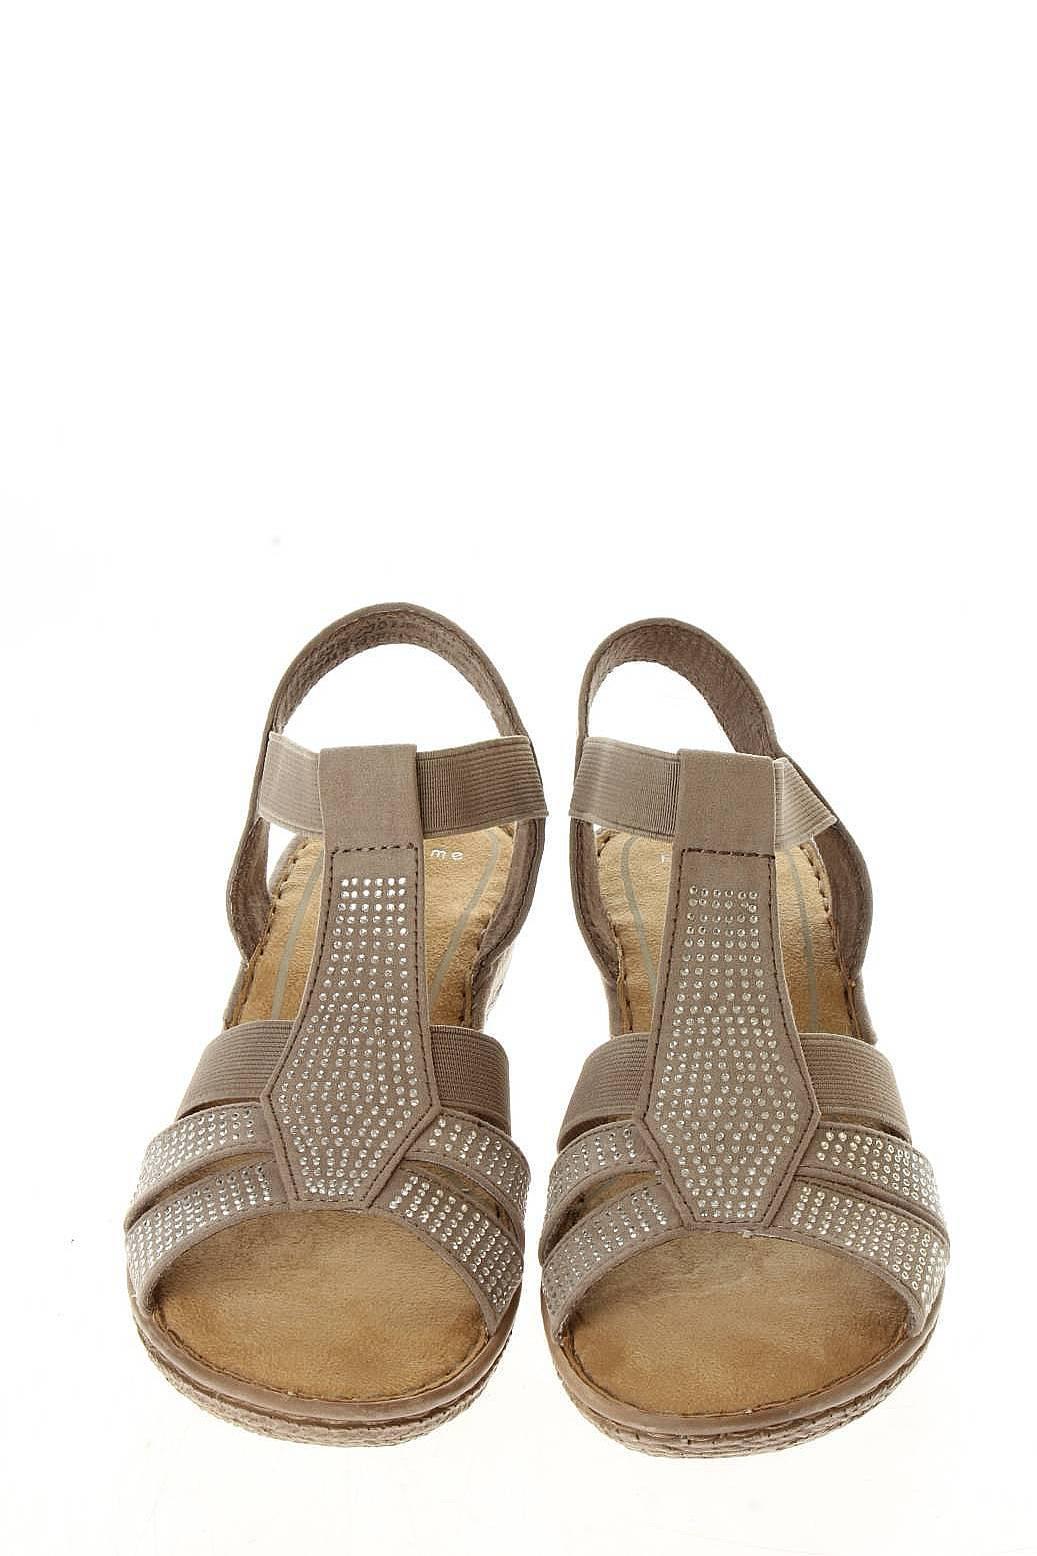 Мужская Обувь Детская Обувь Женская Обувь Туфли Открытые: Marco Tozzi Обувь